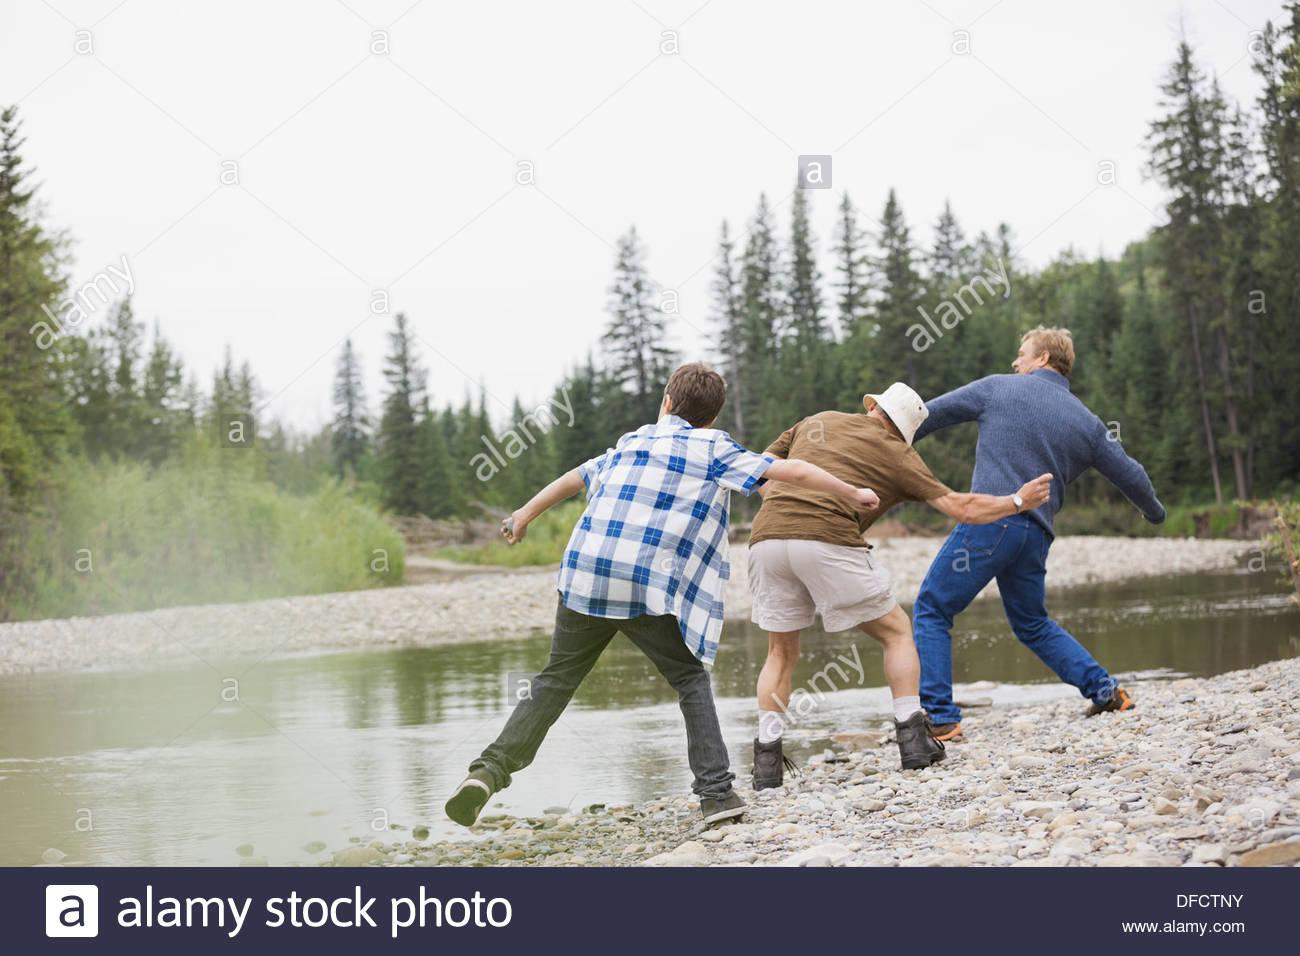 Männlichen Familienmitglieder überspringen Felsen am Fluss Stockbild